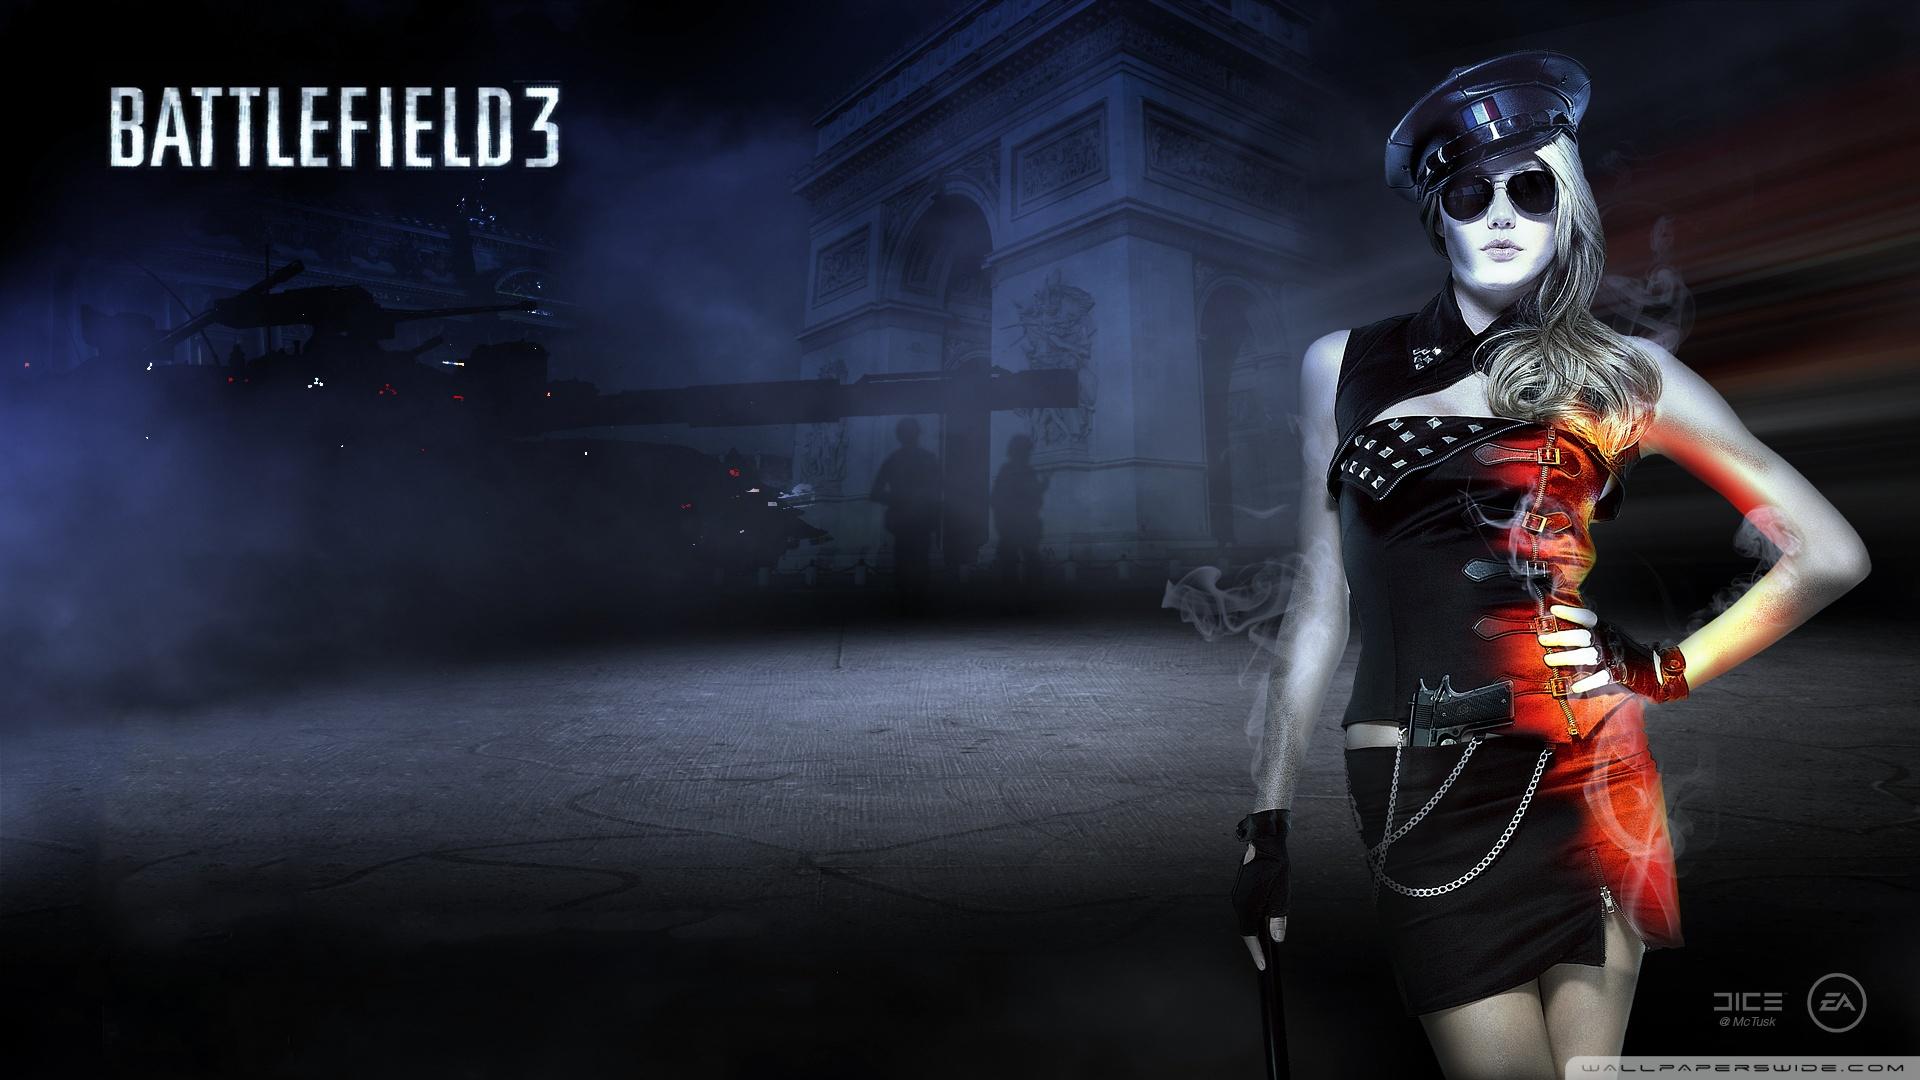 Battlefield 3 Girl Wallpaper 1920x1080 Battlefield 3 Girl 1920x1080